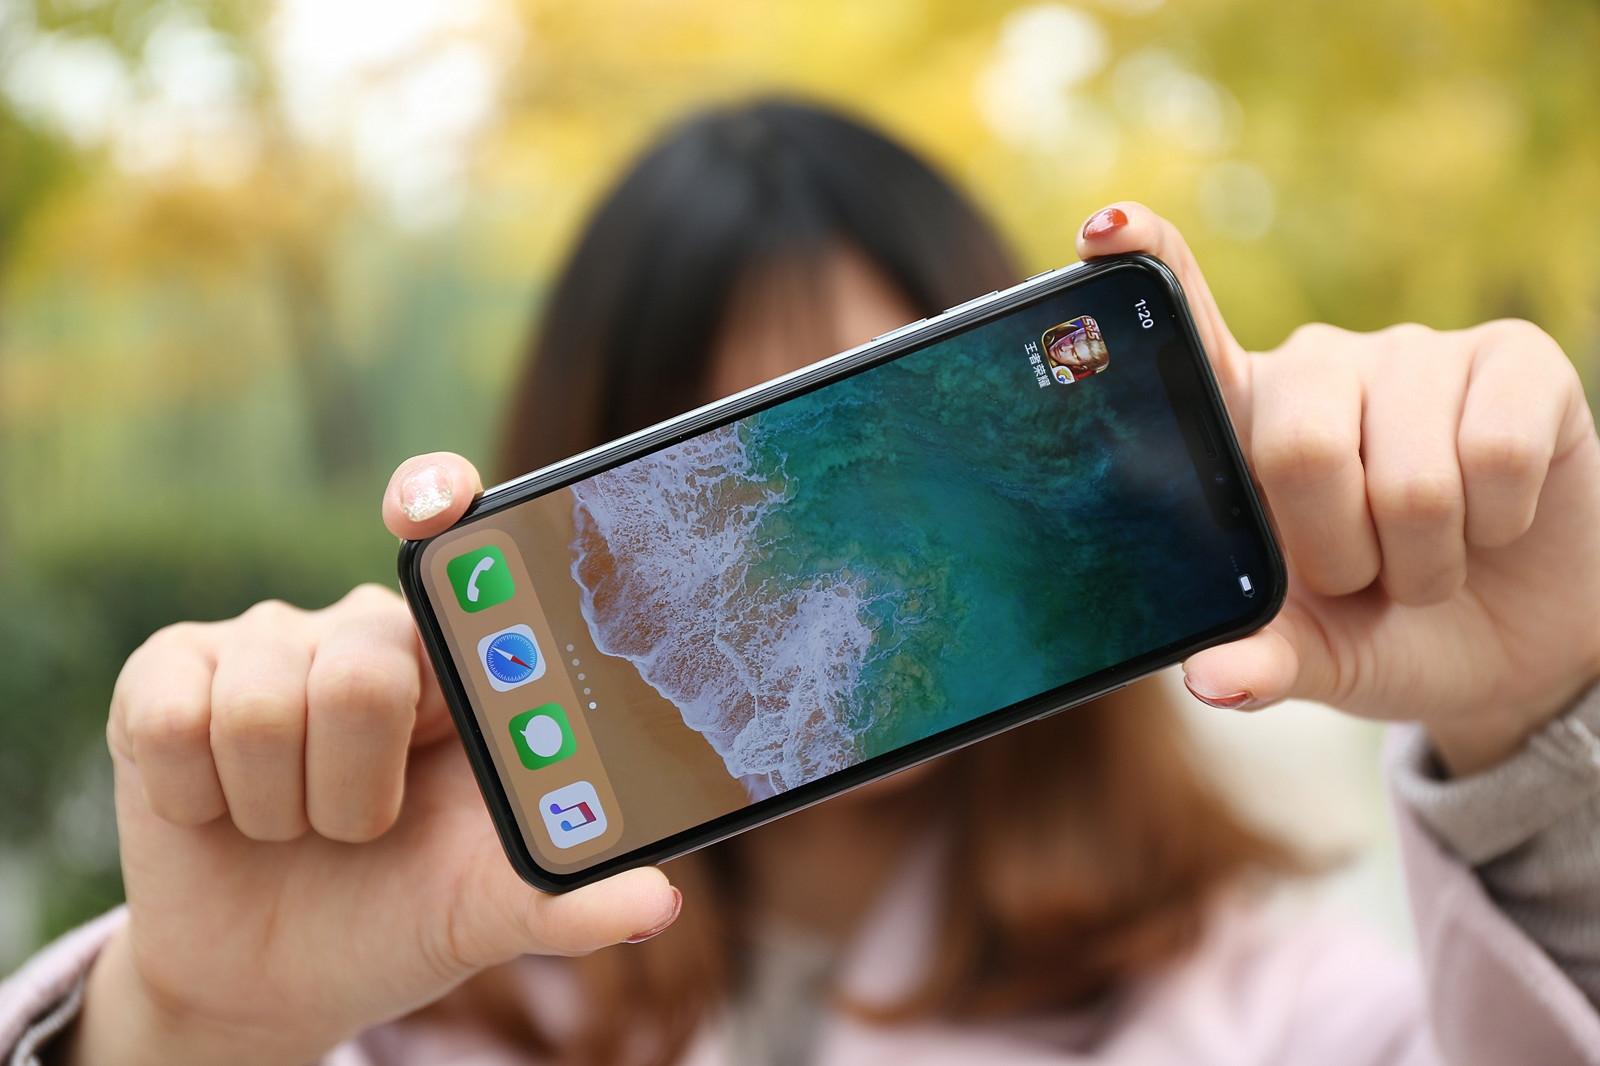 苹果获得新专利:iPhone上屏下指纹 而且是全屏解锁